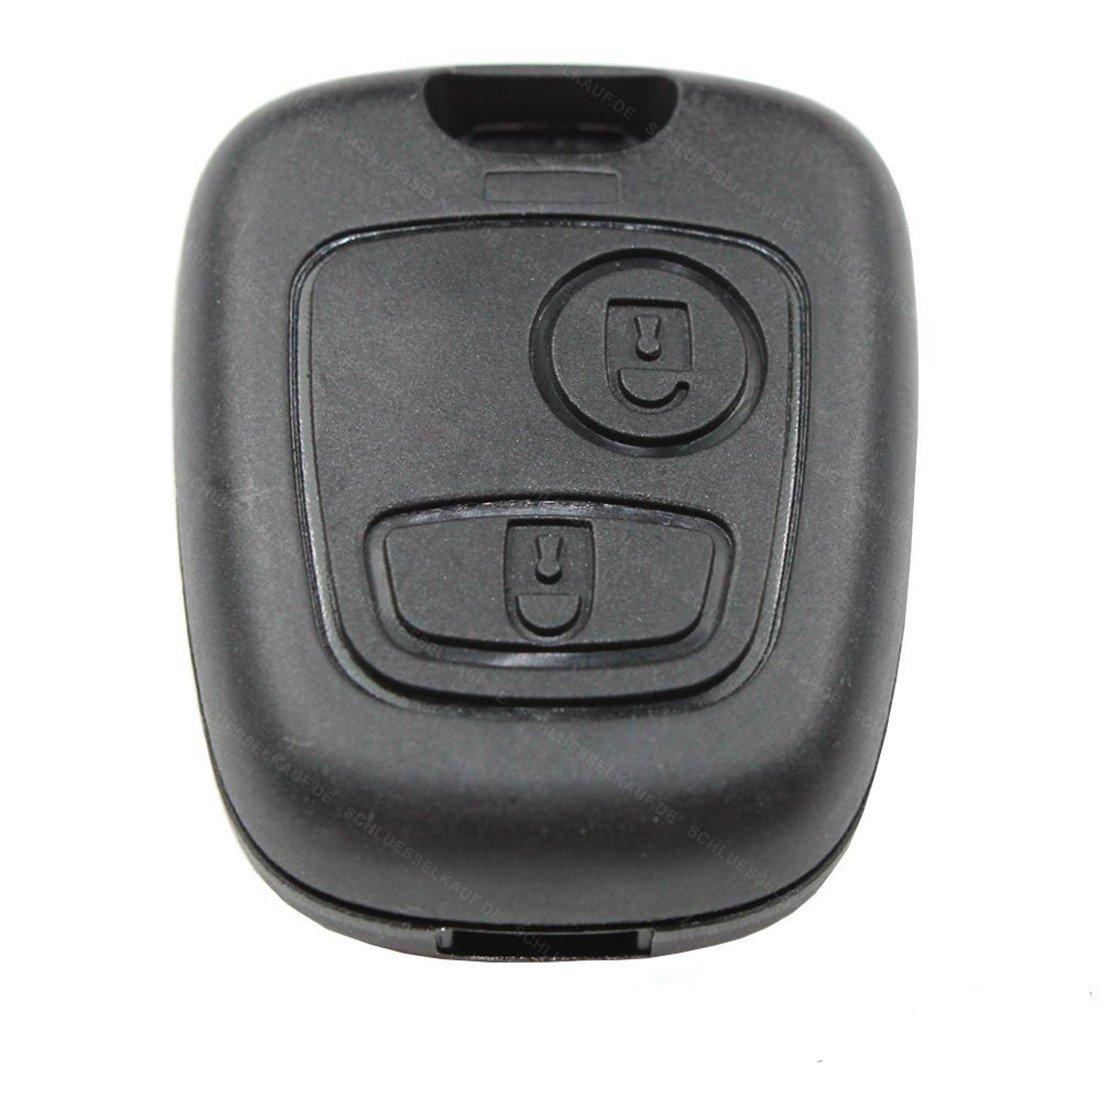 交換リモートエントリキーFobシェルケースRunbber Miniキーレス車のプジョー206 207 306 307 Aoto B01CFYRCPO